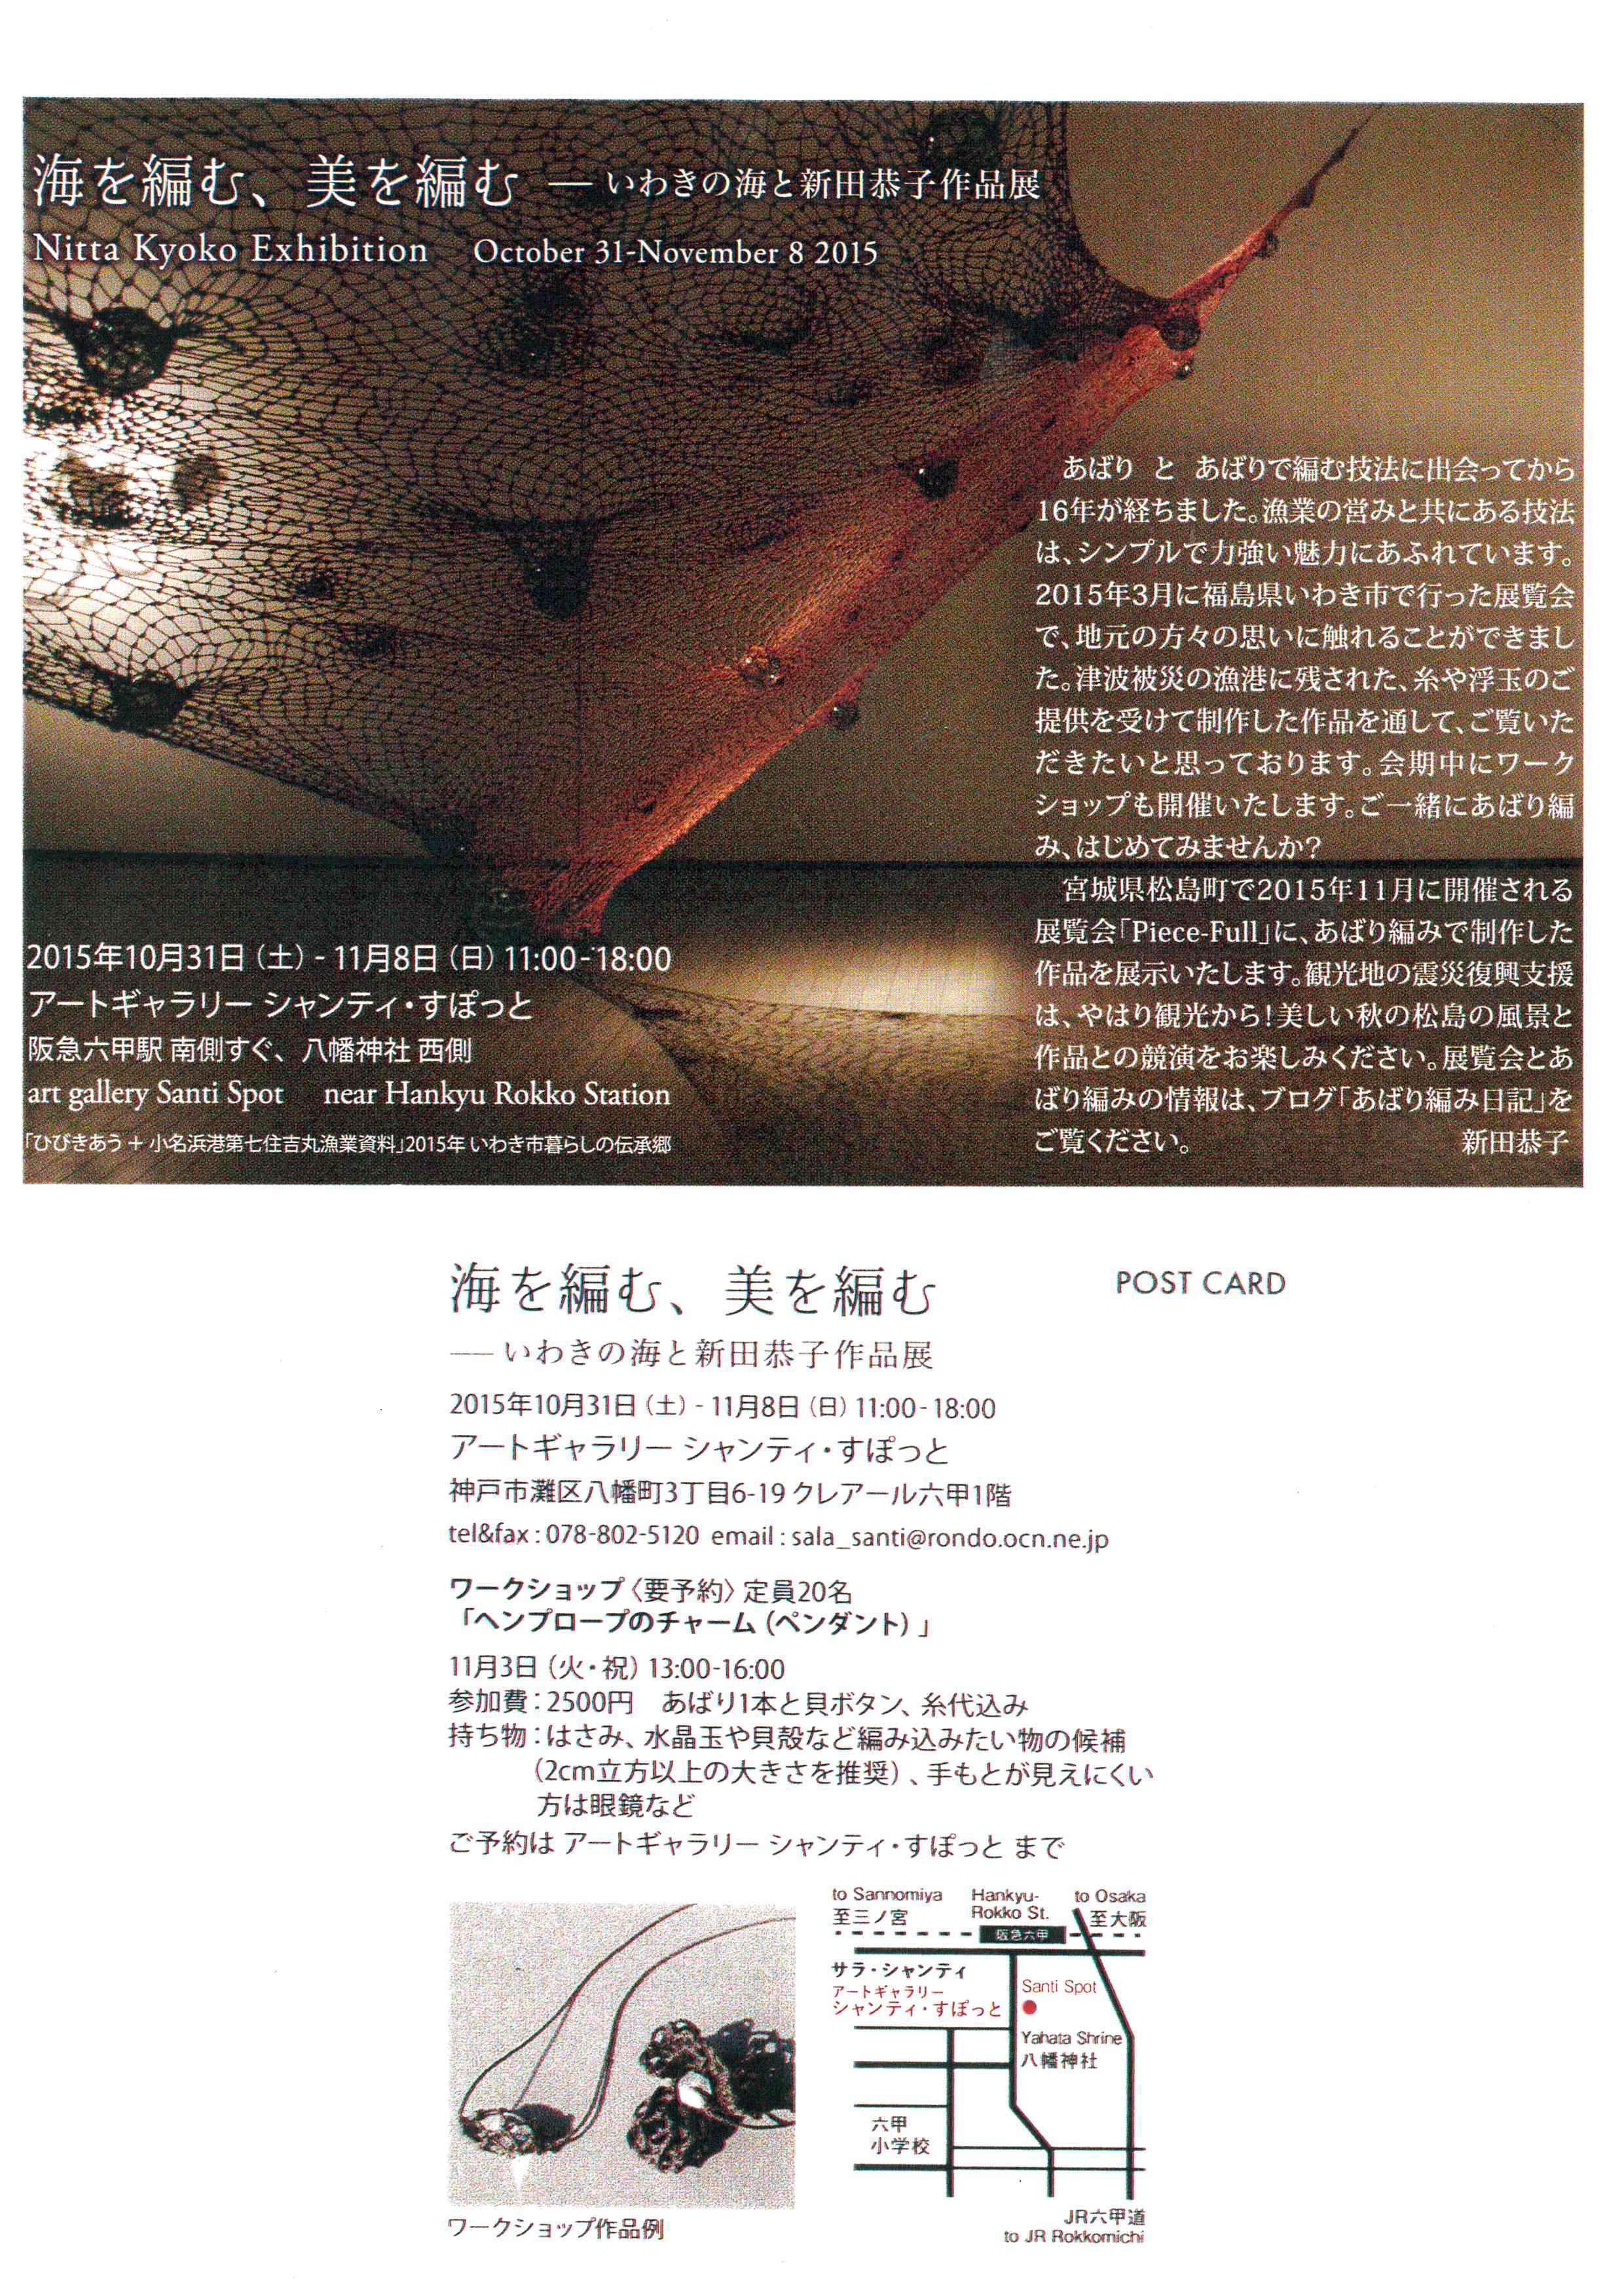 40期新田恭子作品展六甲